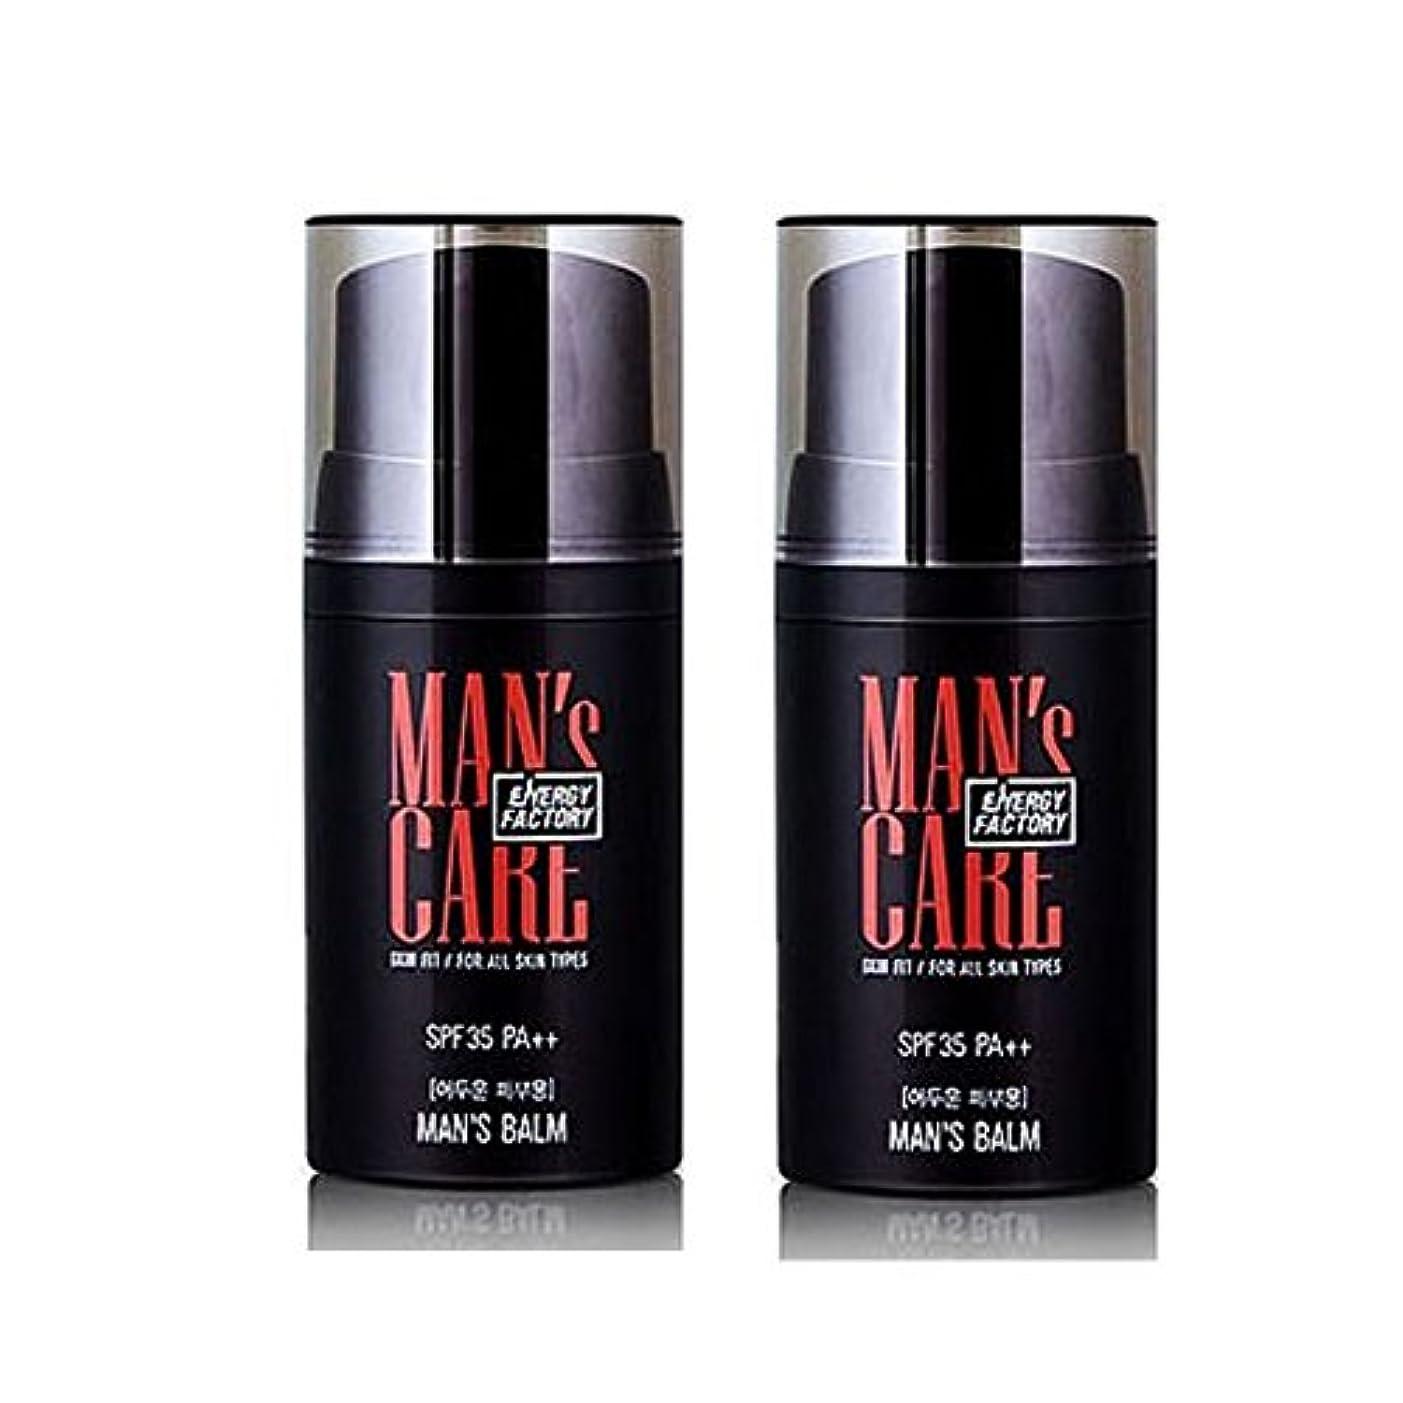 ユーモラス姿勢対話メンズケアエネルギーファクトリースキンフィット?マンズ?Balm 50ml x 2本セット(明るい肌用、暗い肌用) メンズコスメ、Man's Care Energy Factory Skin Fit Man's Balm...